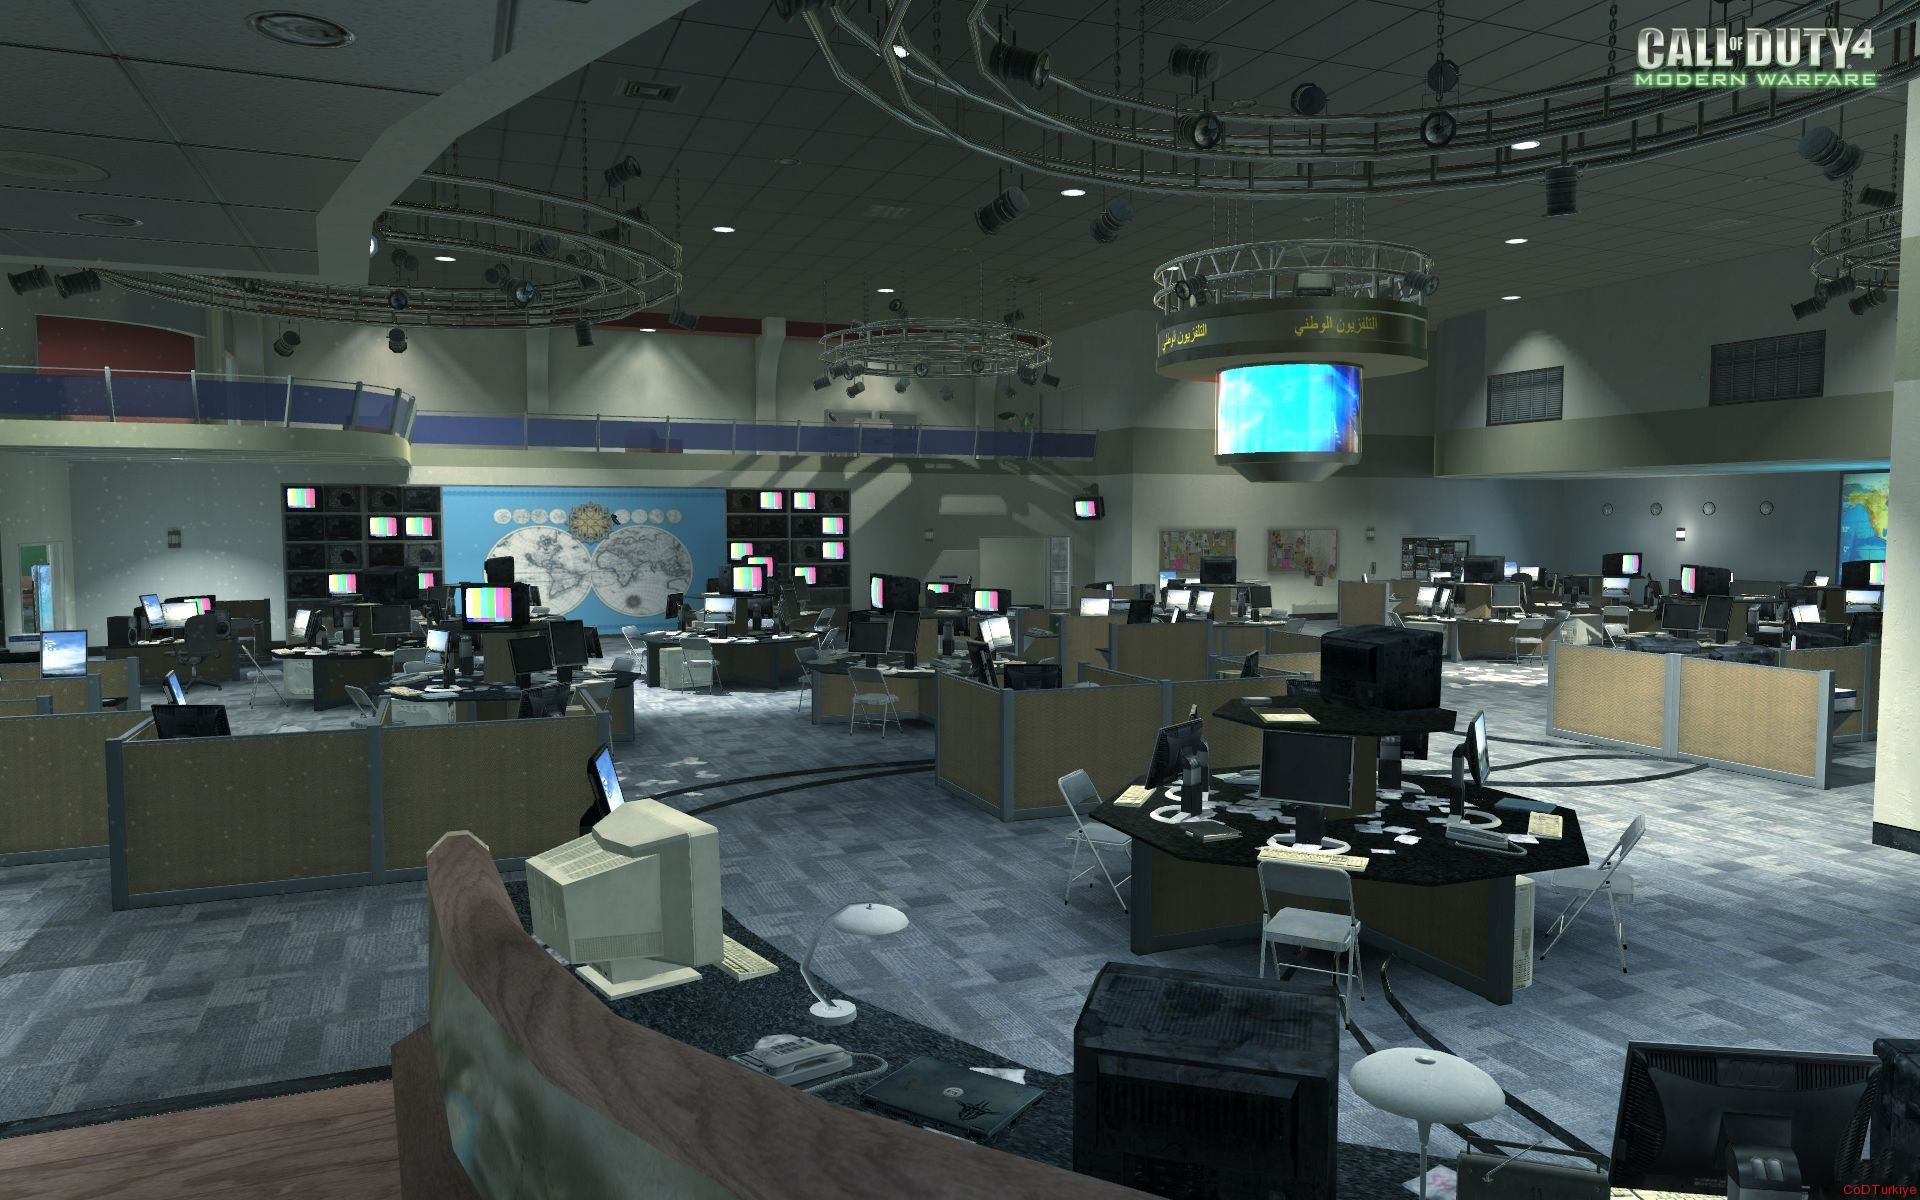 Modern Warfare Wallpaper Hd Call Of Duty 4 Modern Warfare Hd Wallpapers Codgallery